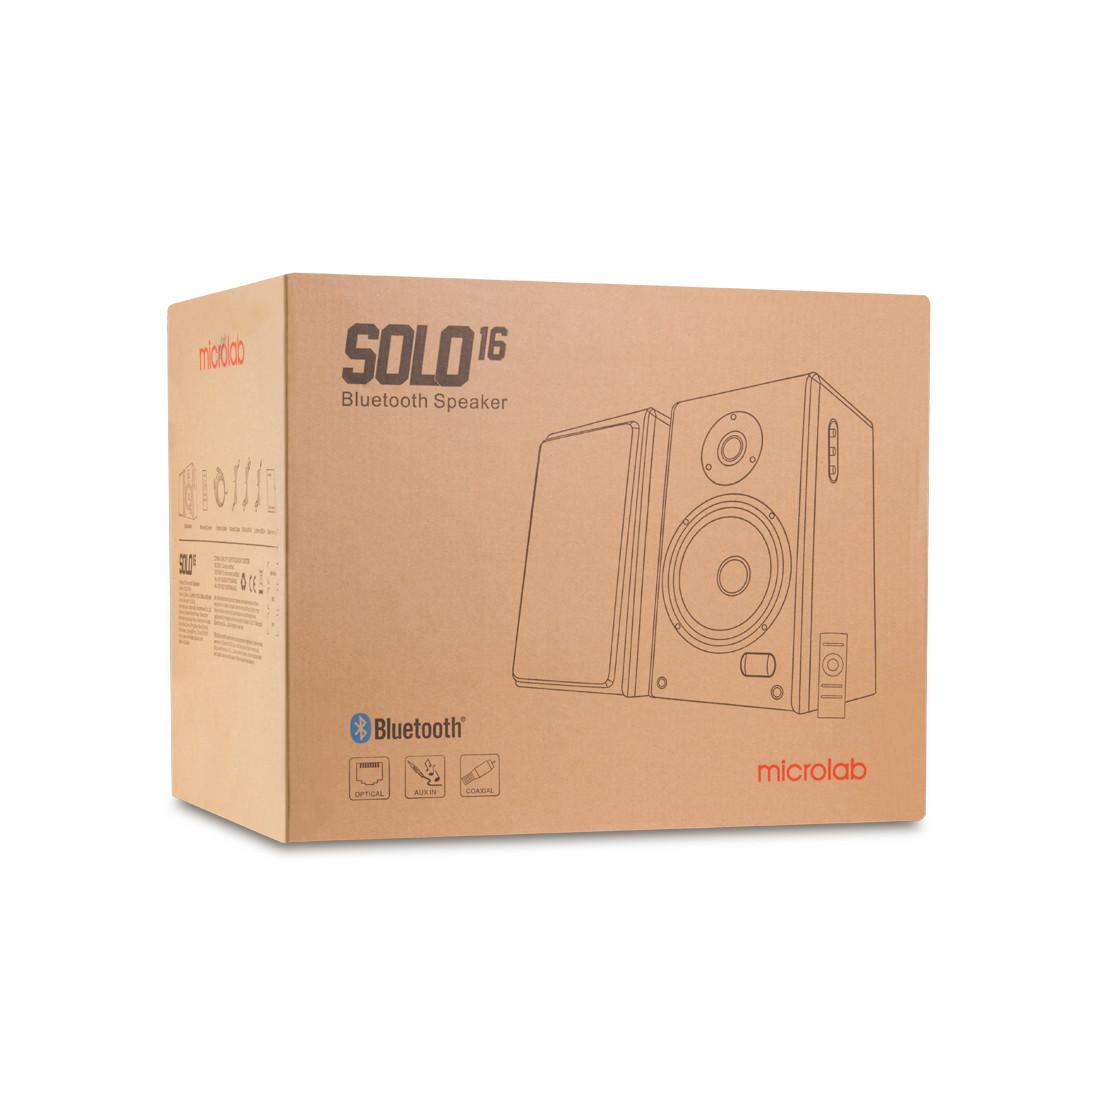 Колонки Microlab SOLO16 2.0 (Black) - фото 3